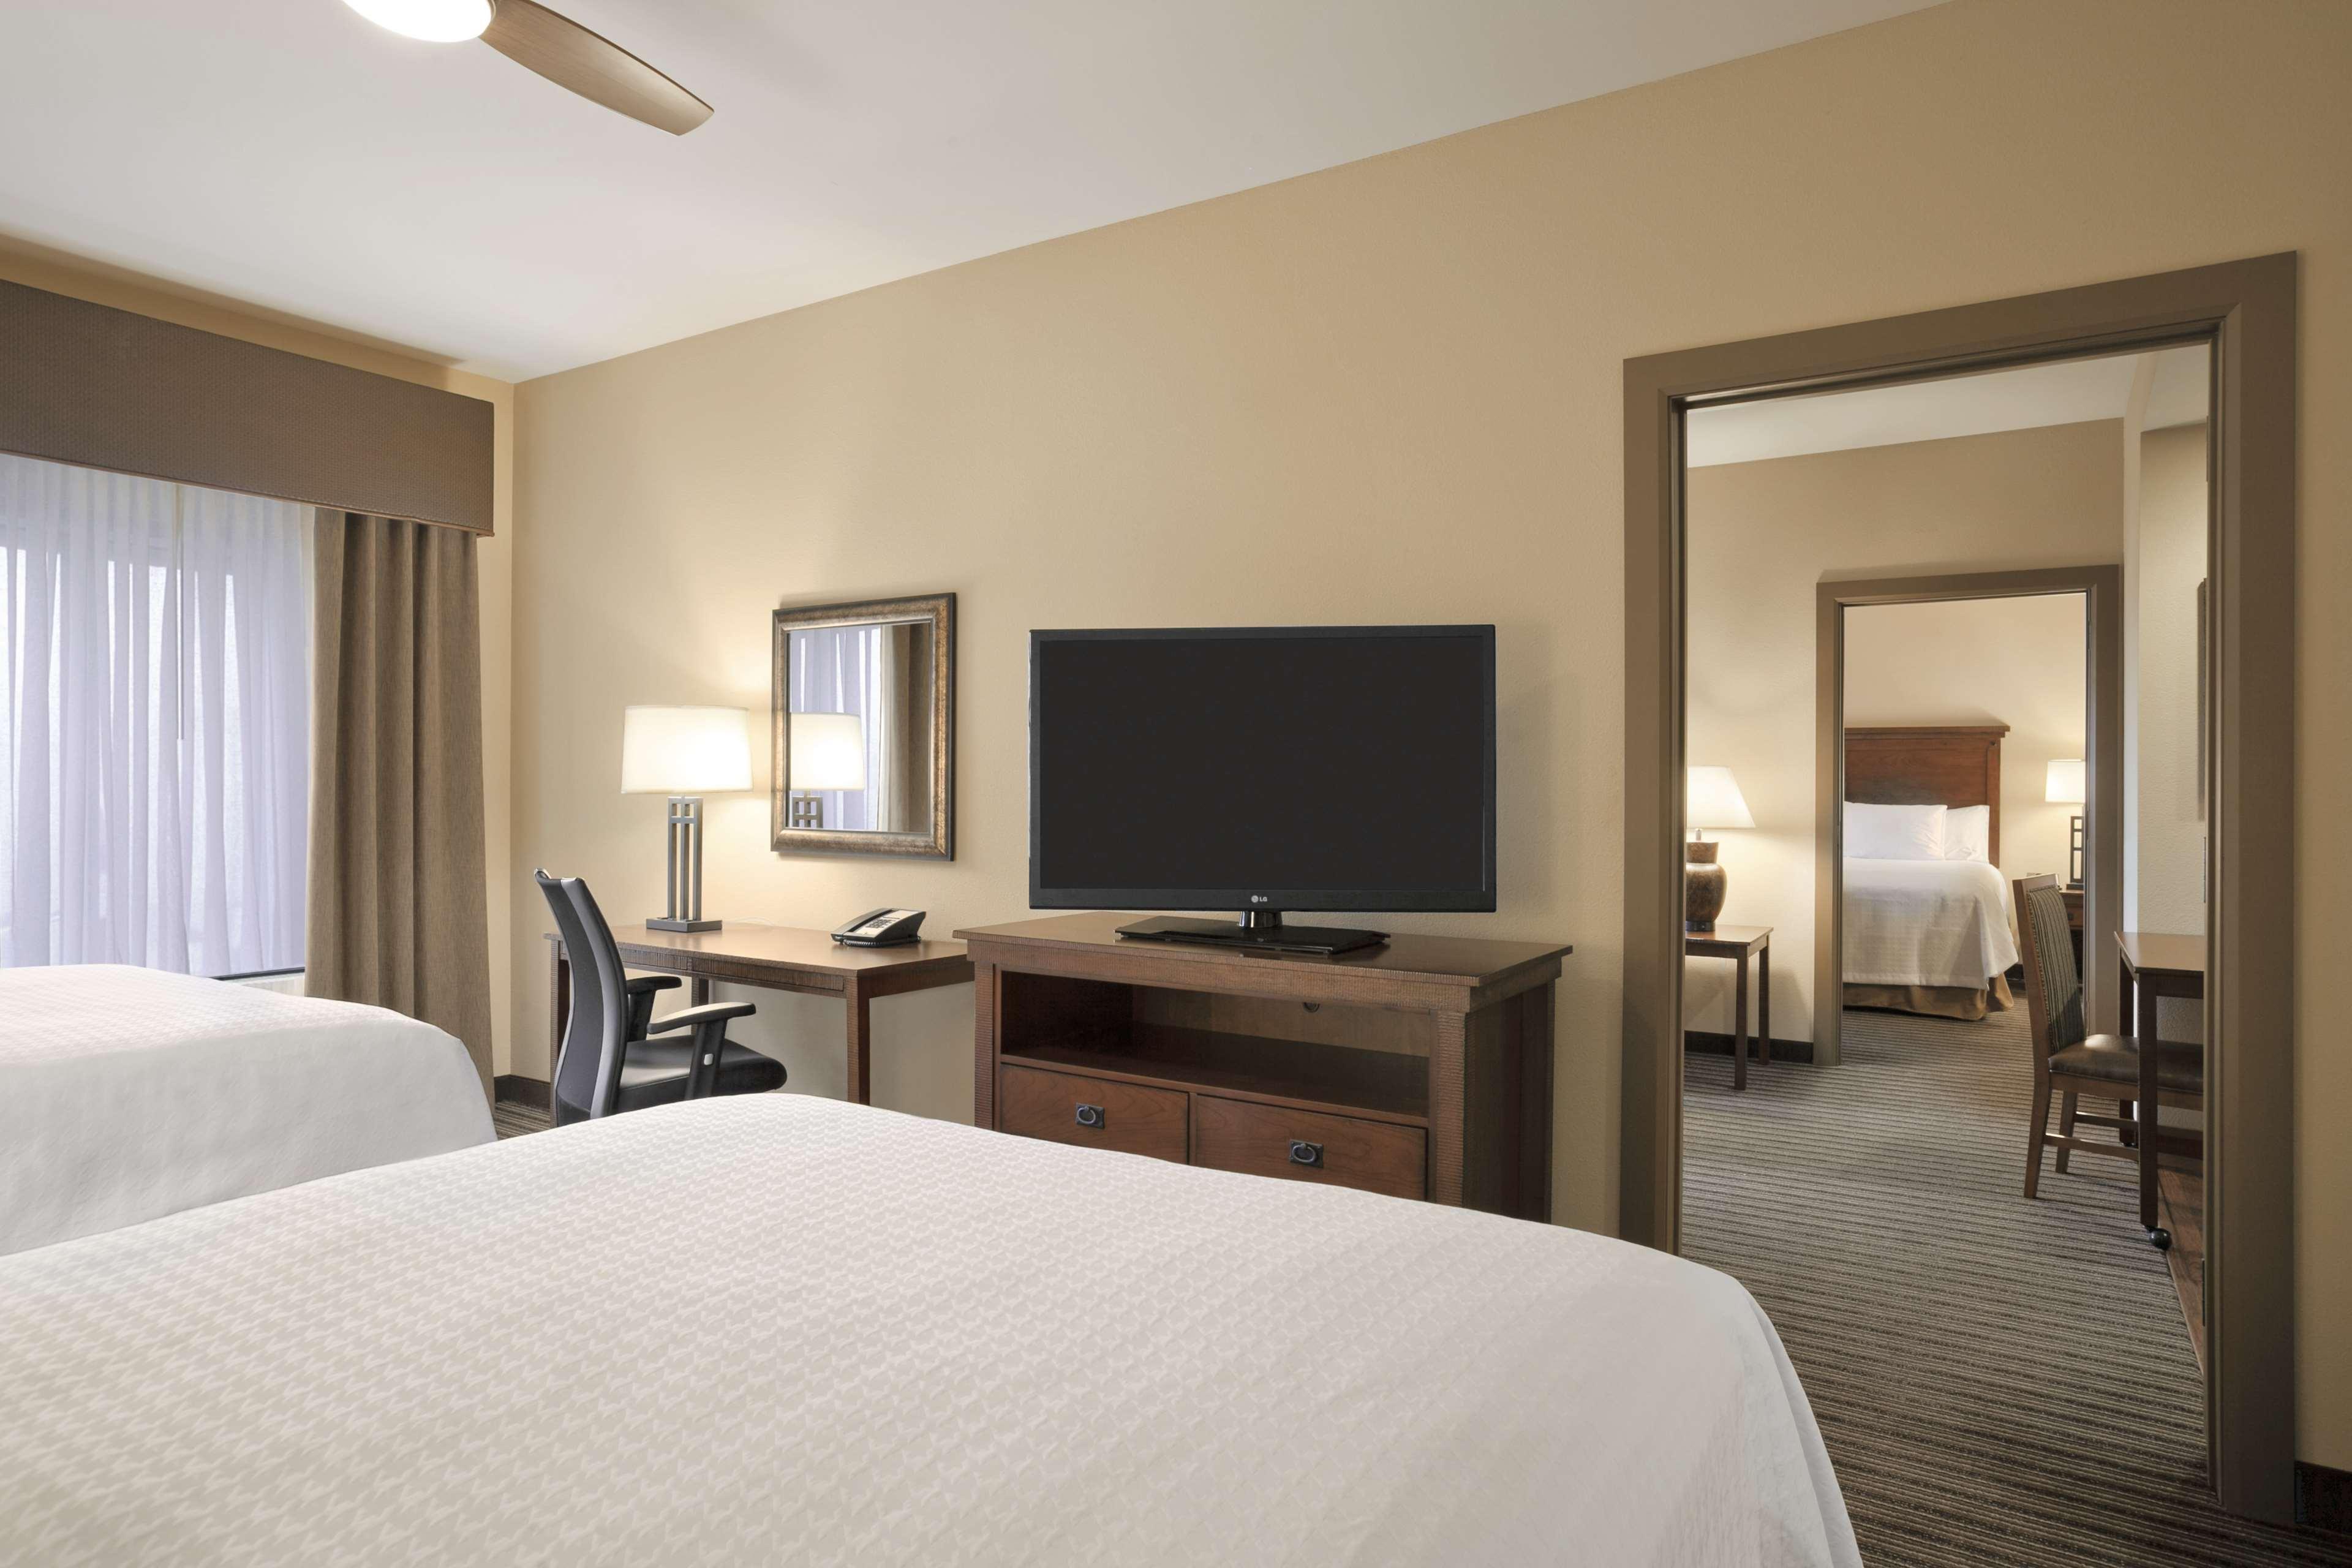 Homewood Suites by Hilton Kalispell, MT image 13